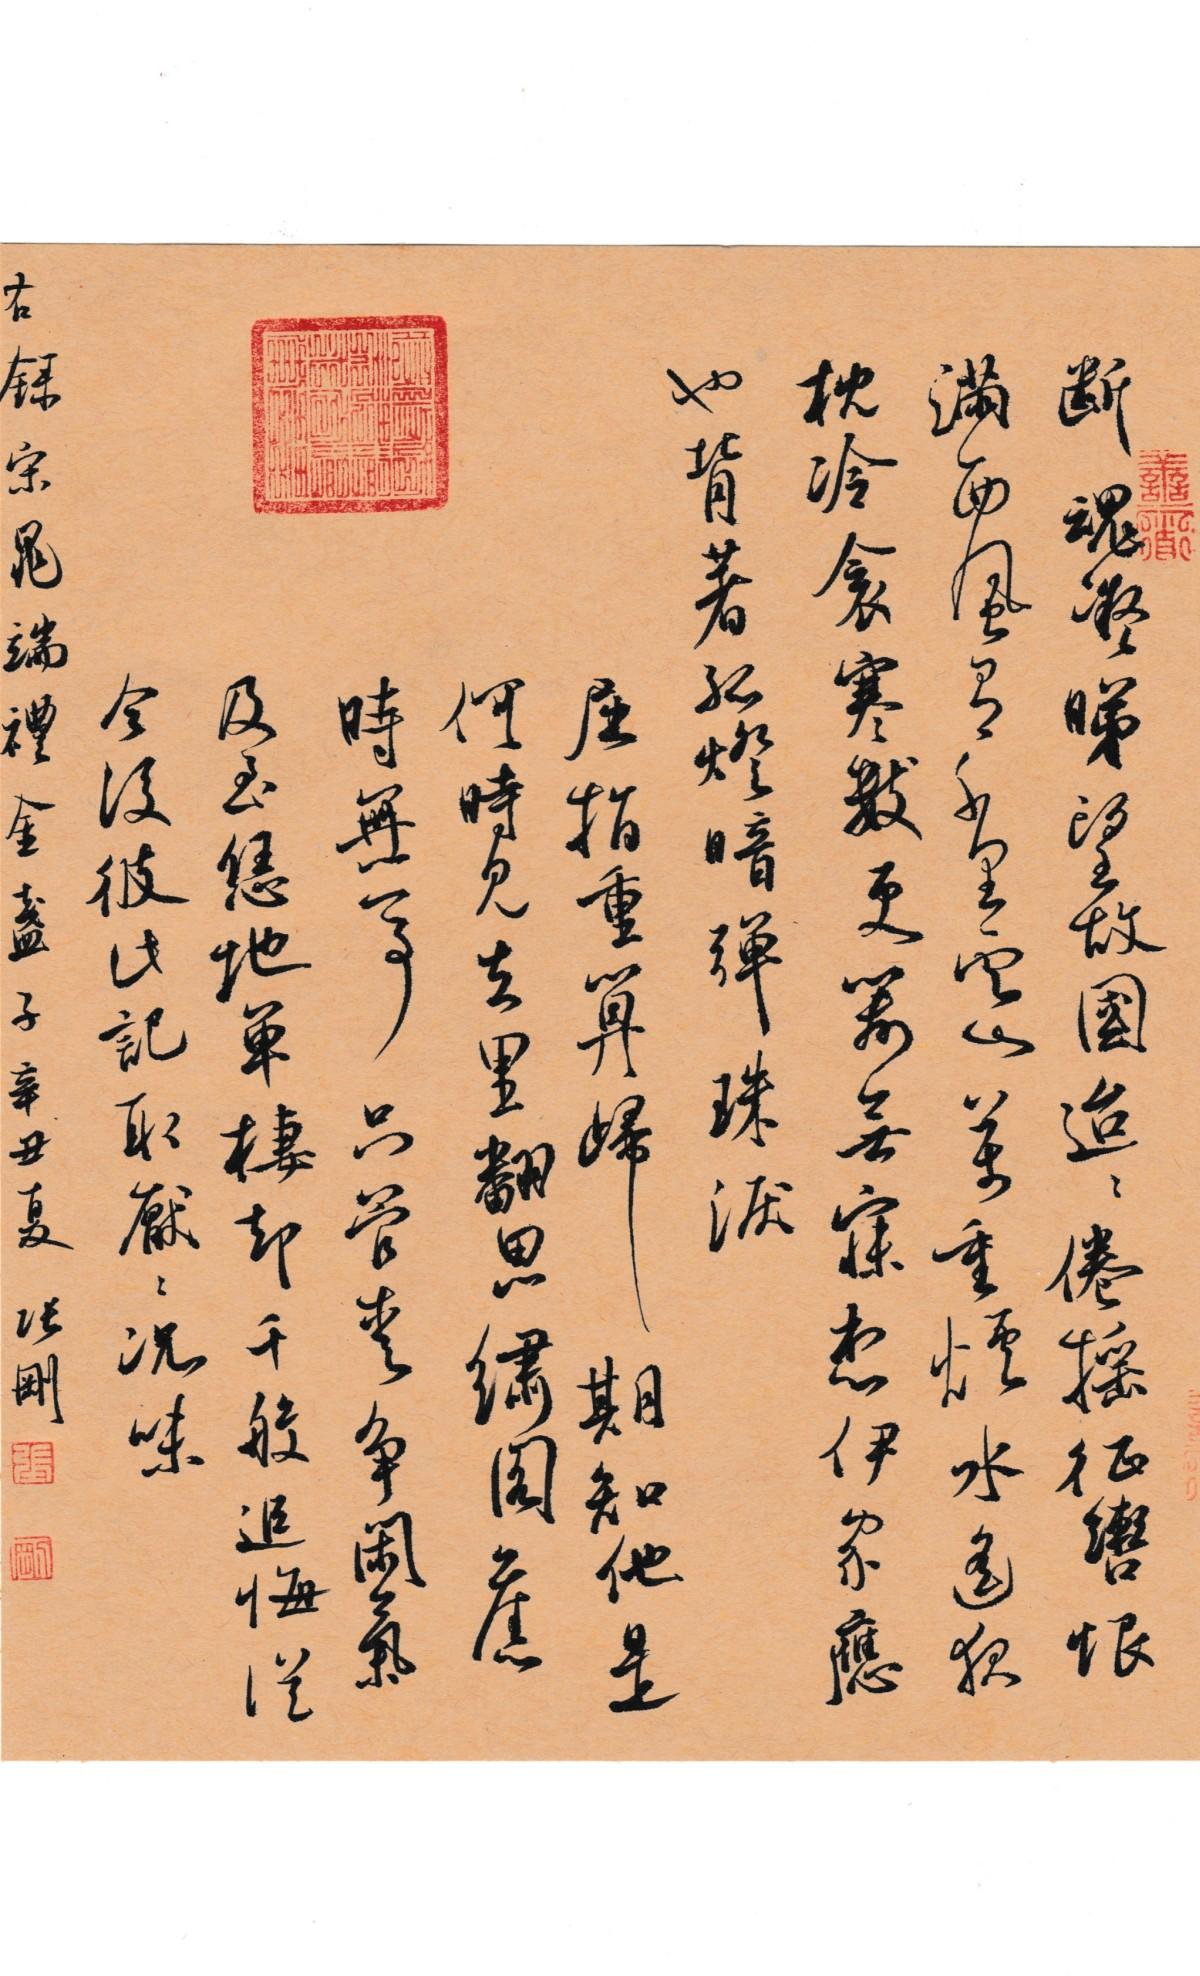 钢笔书法练字打卡20210727-12